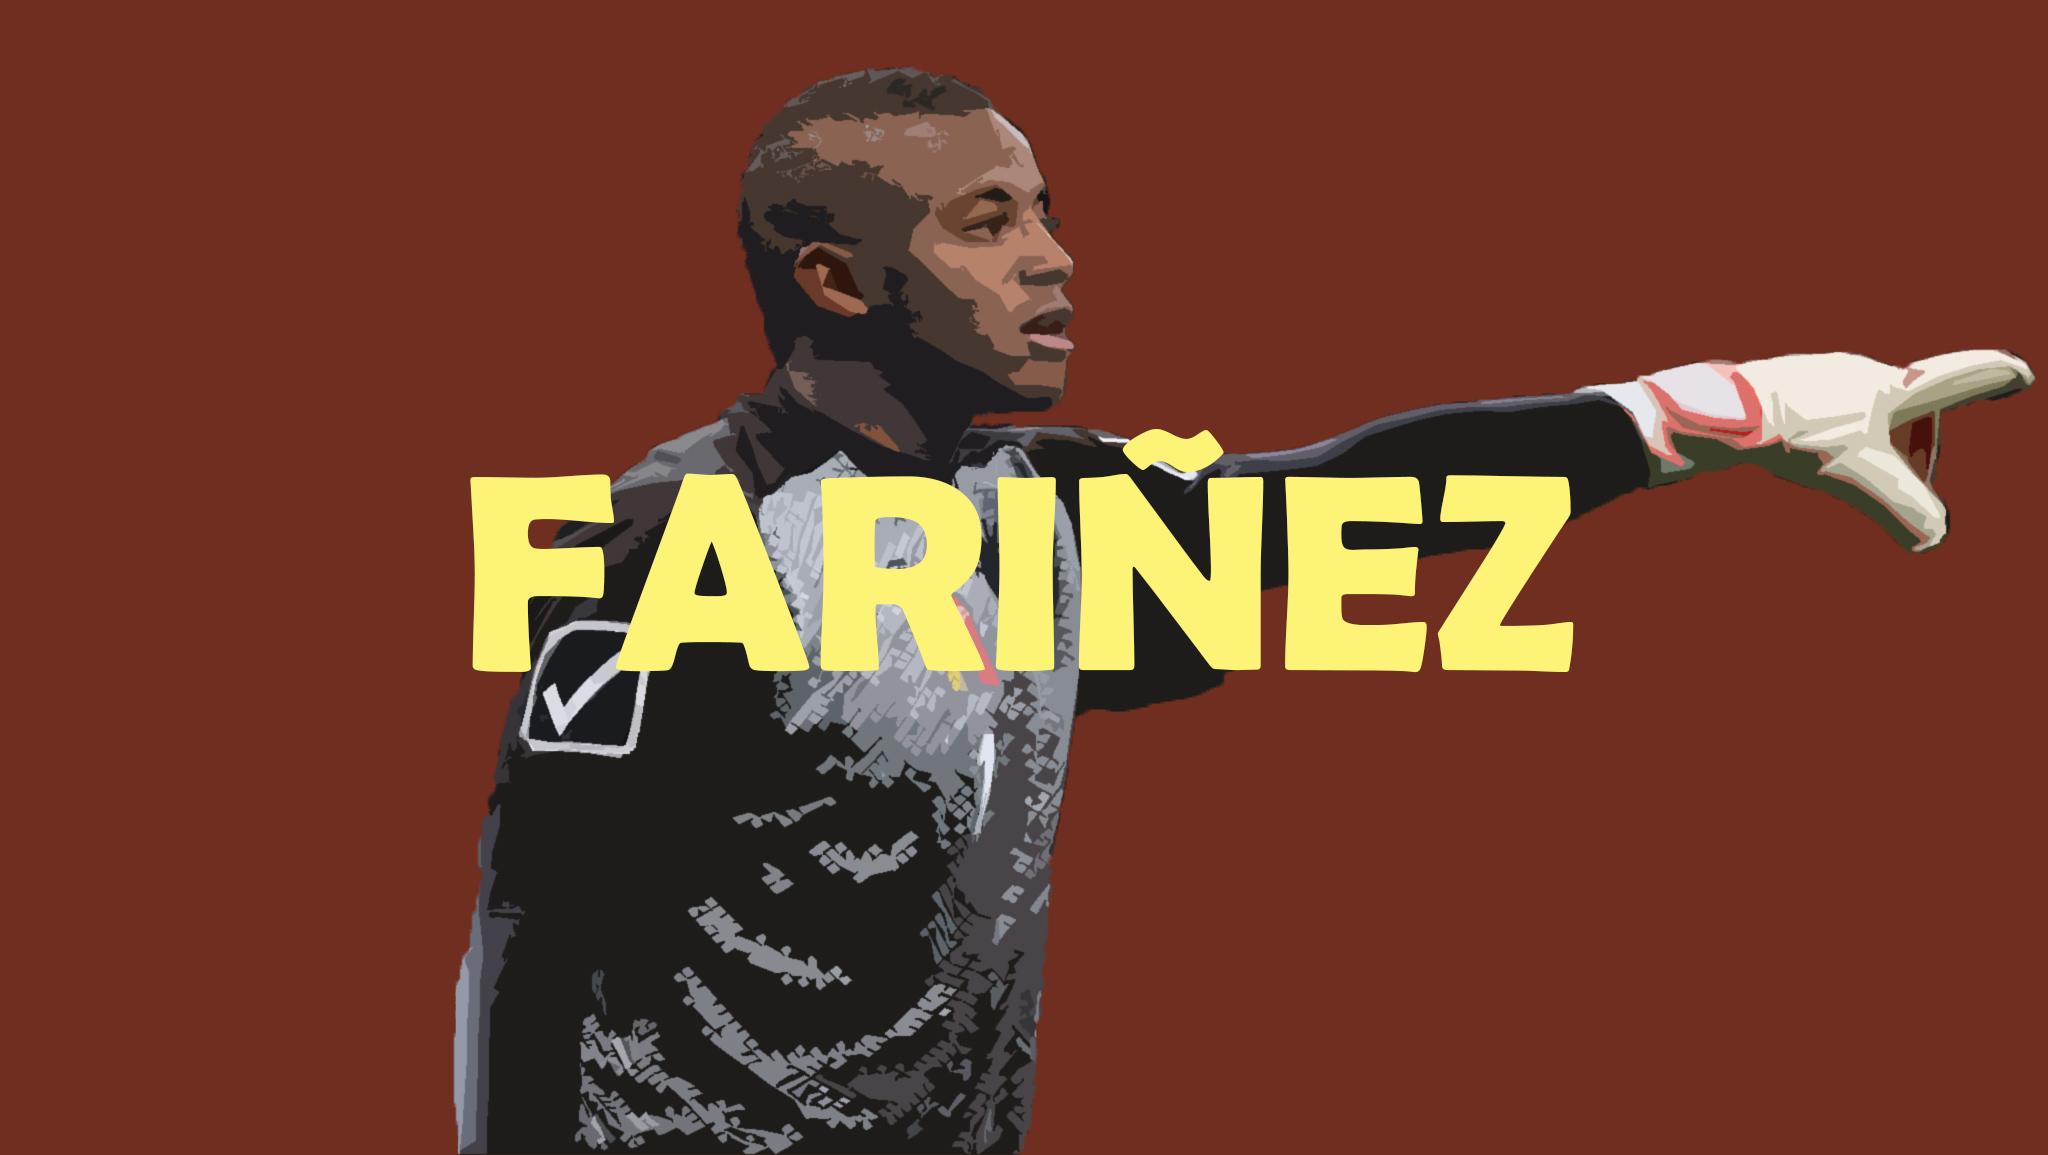 Wuilker Farinez